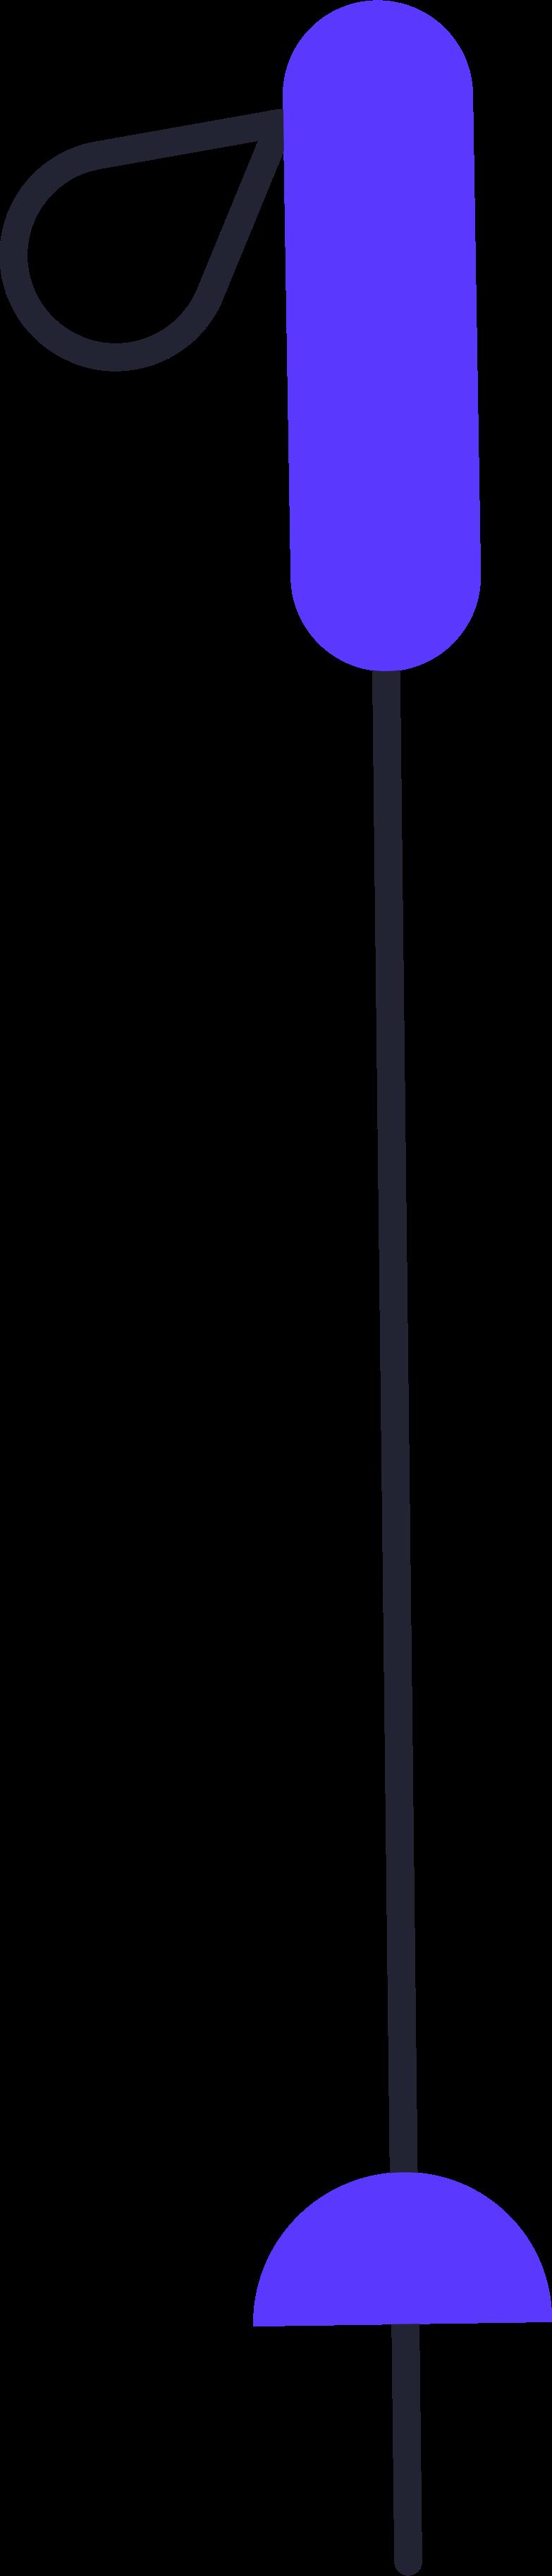 ski pole Clipart illustration in PNG, SVG